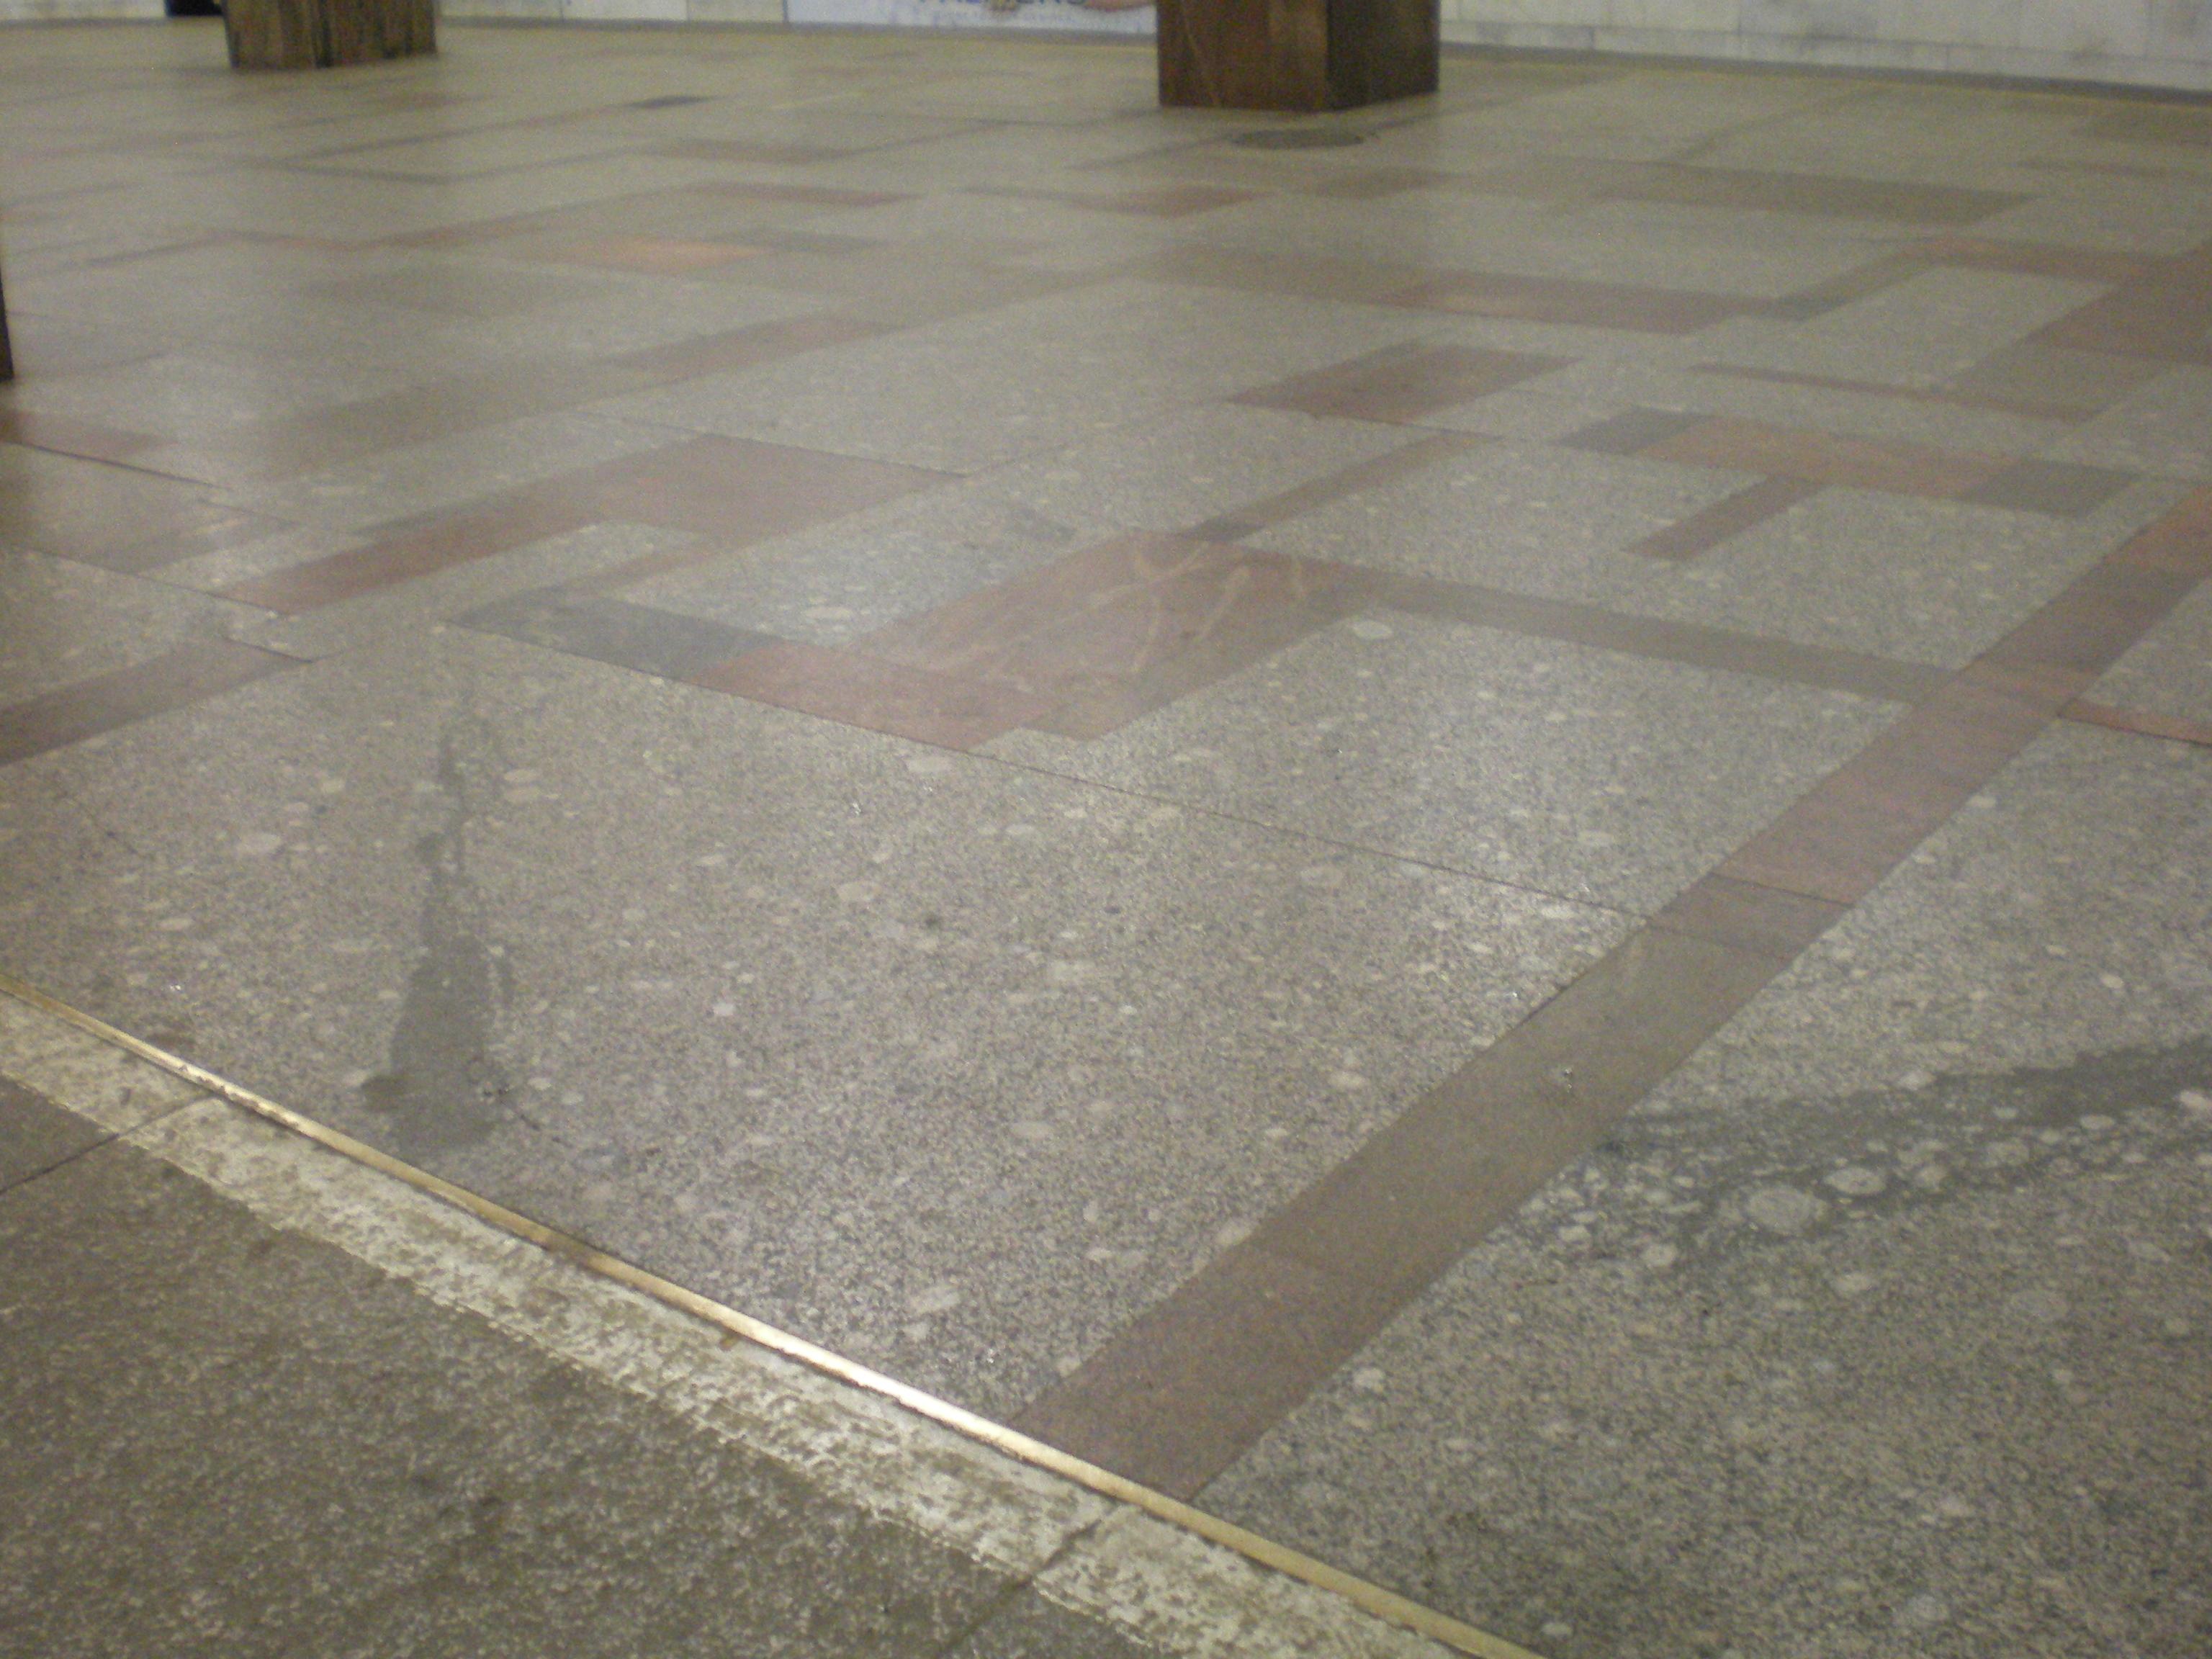 Granite Flooring : ... metrostation - Type-setting granite floor.JPG - Wikimedia Commons